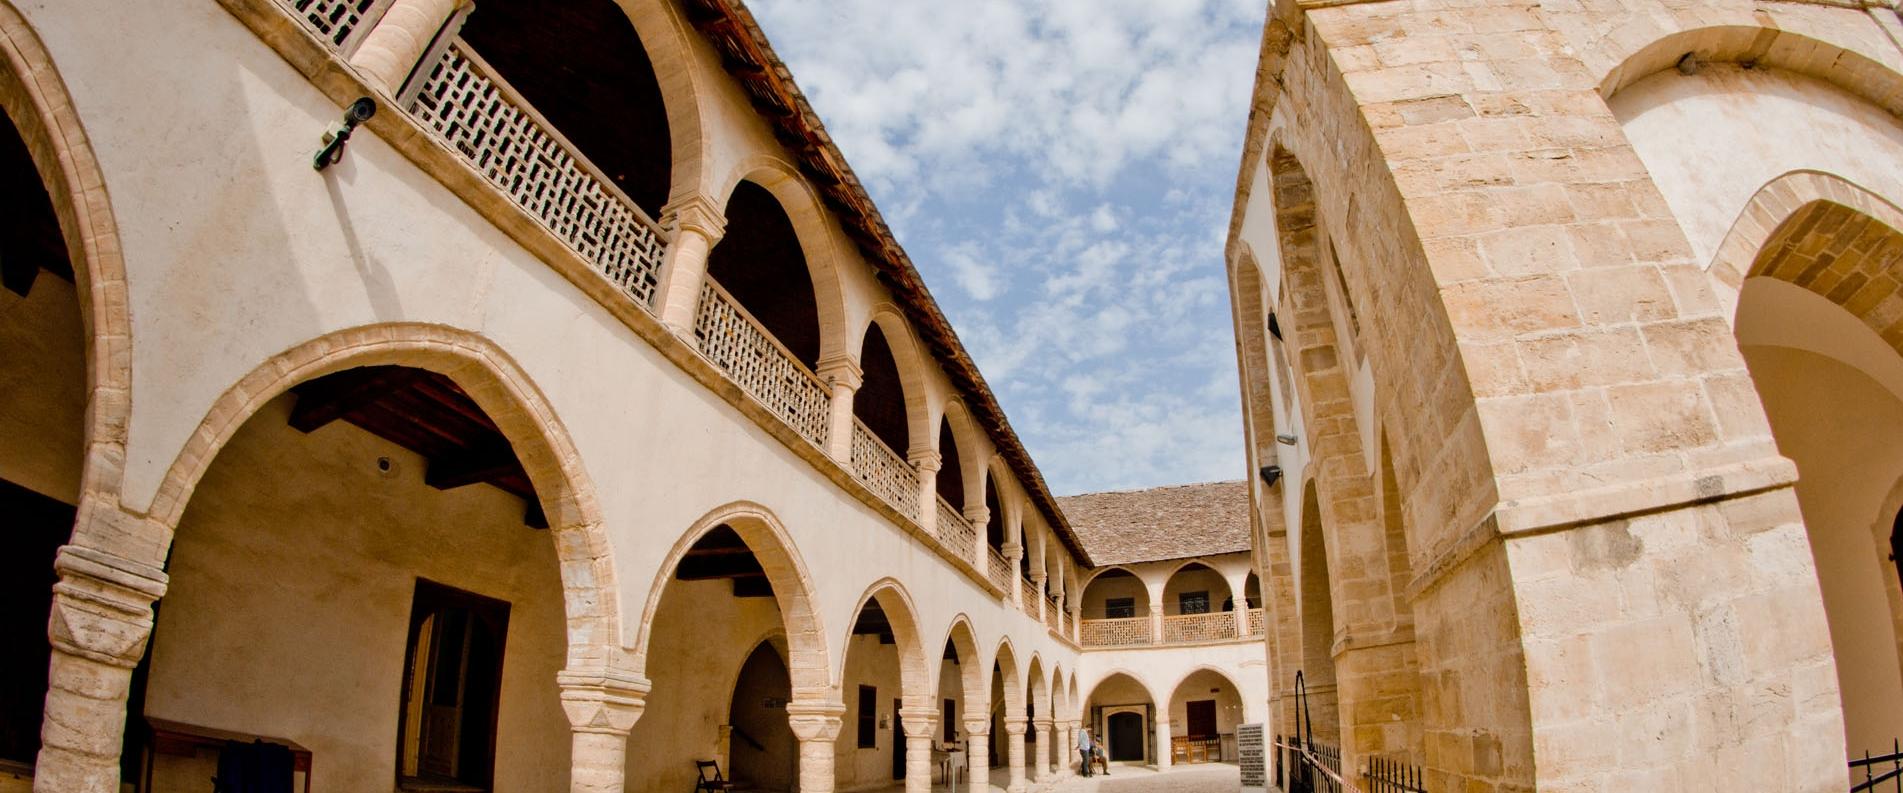 Монастырь Честного Креста, Омодос, фоторепортаж